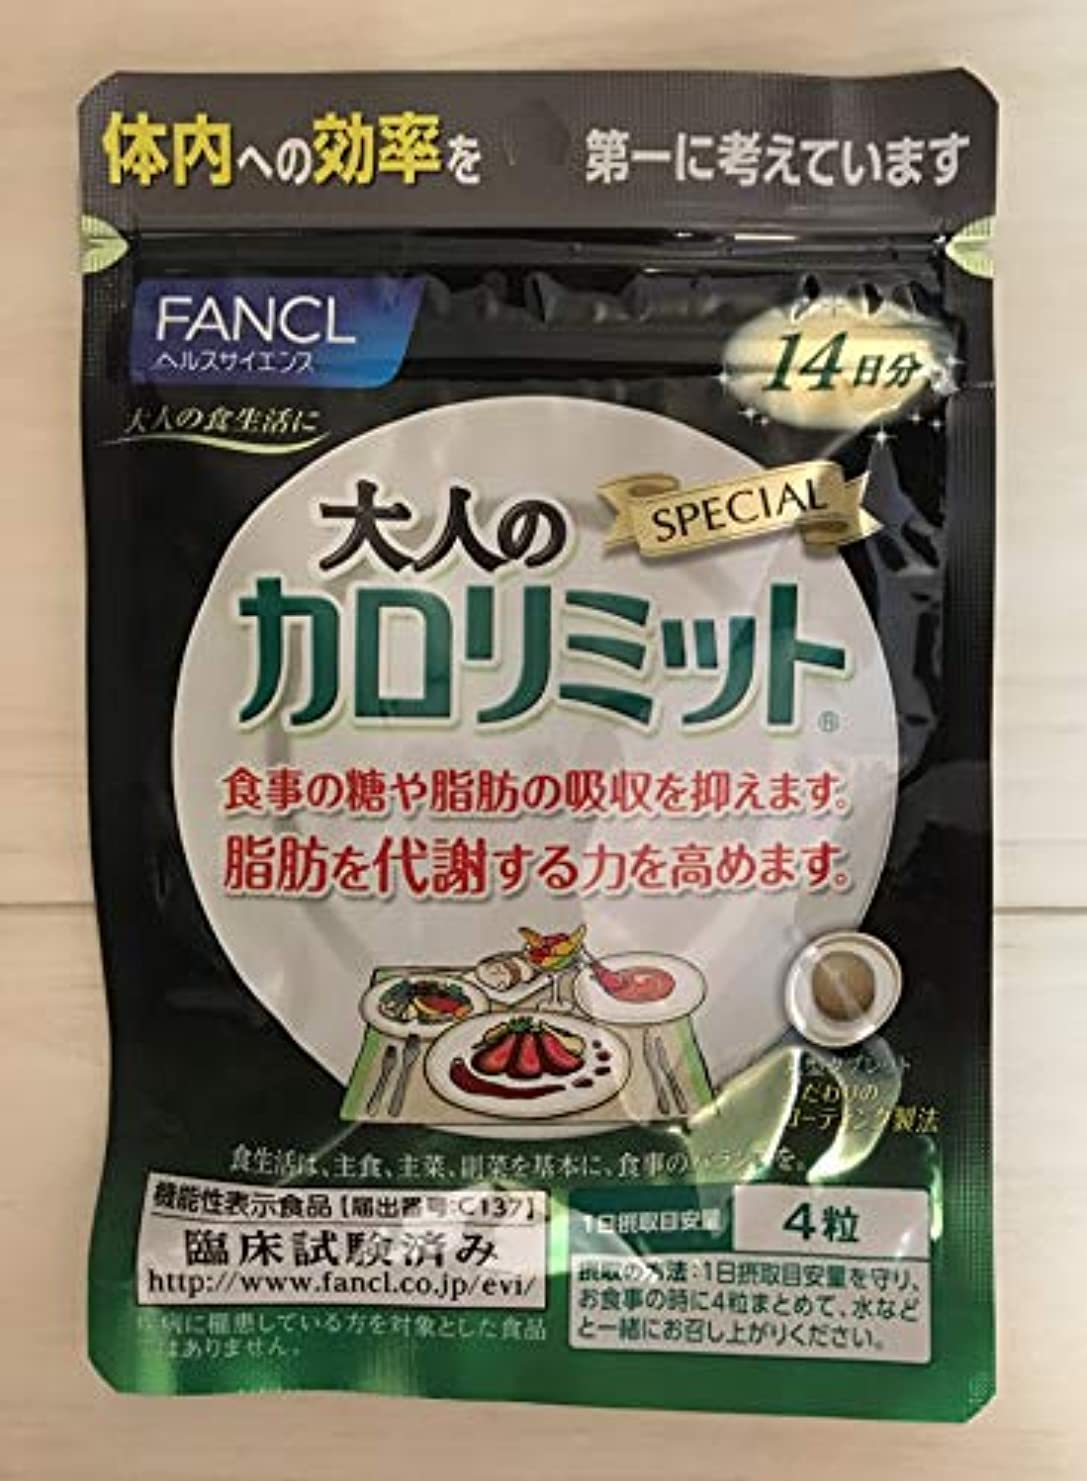 上級寝室を掃除する神経【2袋セット】ファンケル 大人のカロリミット 14日分 56粒